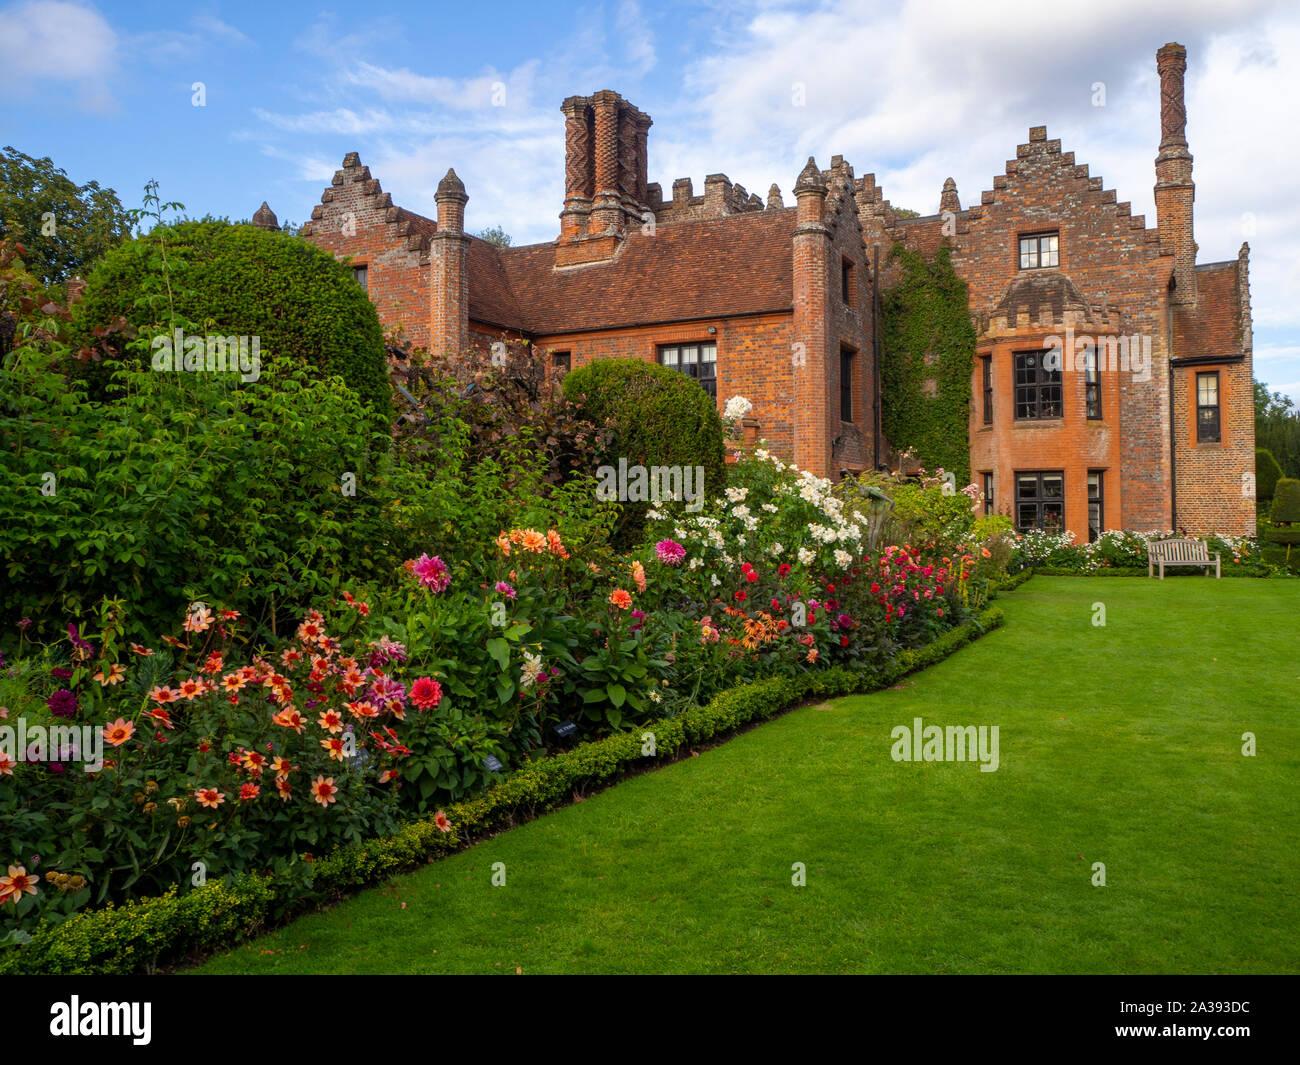 Verso sud confini dello stabilimento, Chenies Manor House e giardino in una bella serata ai primi di settembre.Prato, dalie, arbusti, dotate di architettura di Tudor. Foto Stock